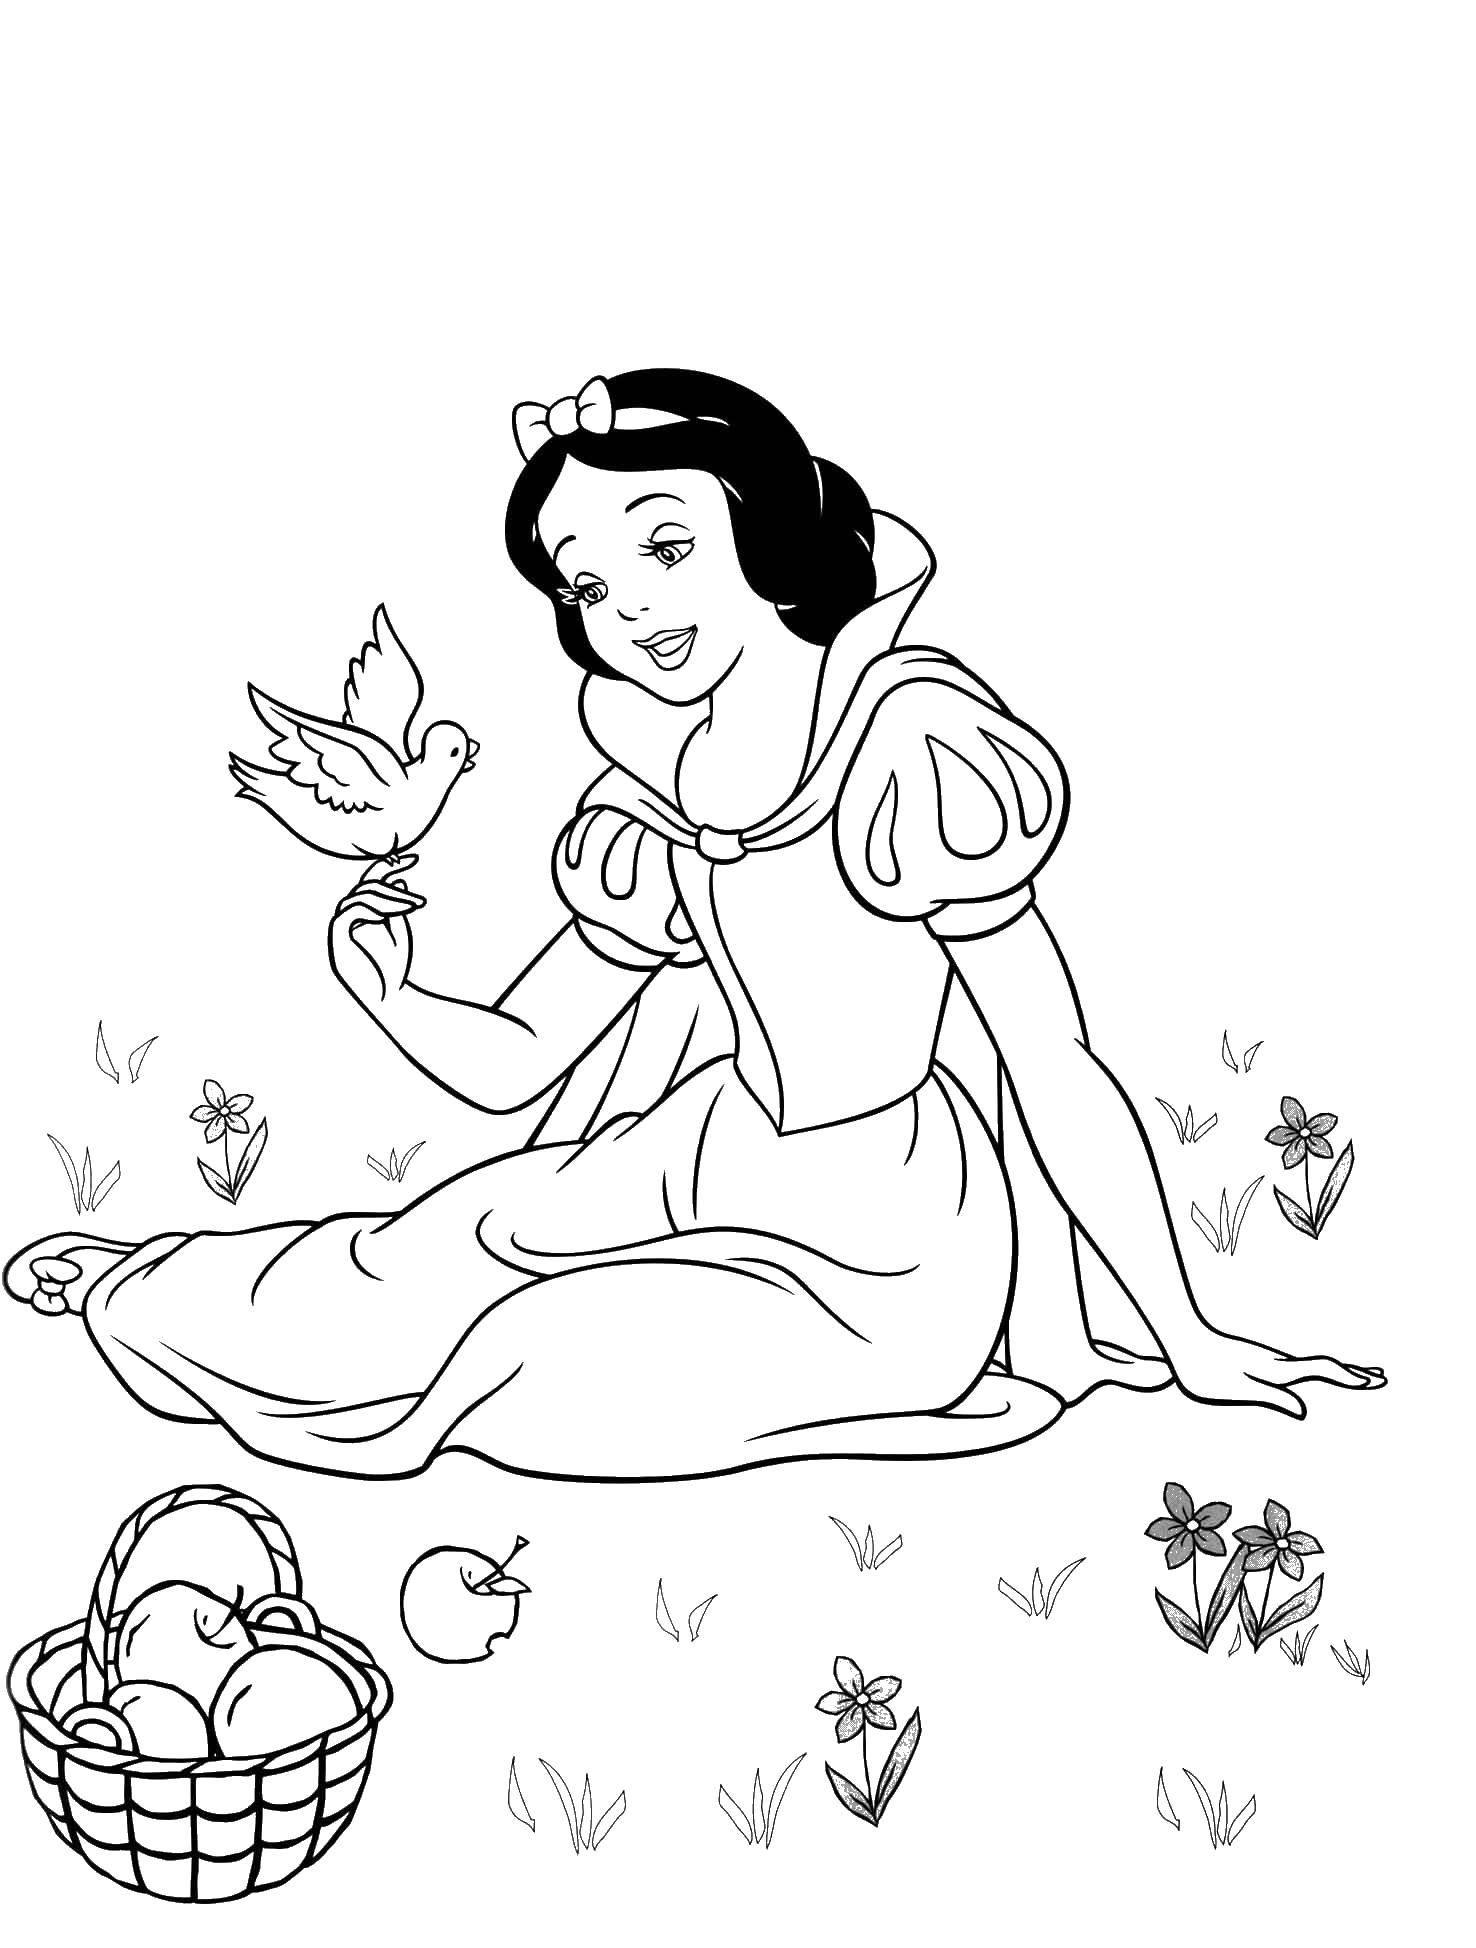 Раскраска Белоснежка с птичкой Скачать принцессы, мультфильмы, сказки, Белоснежка.  Распечатать ,белоснежка,